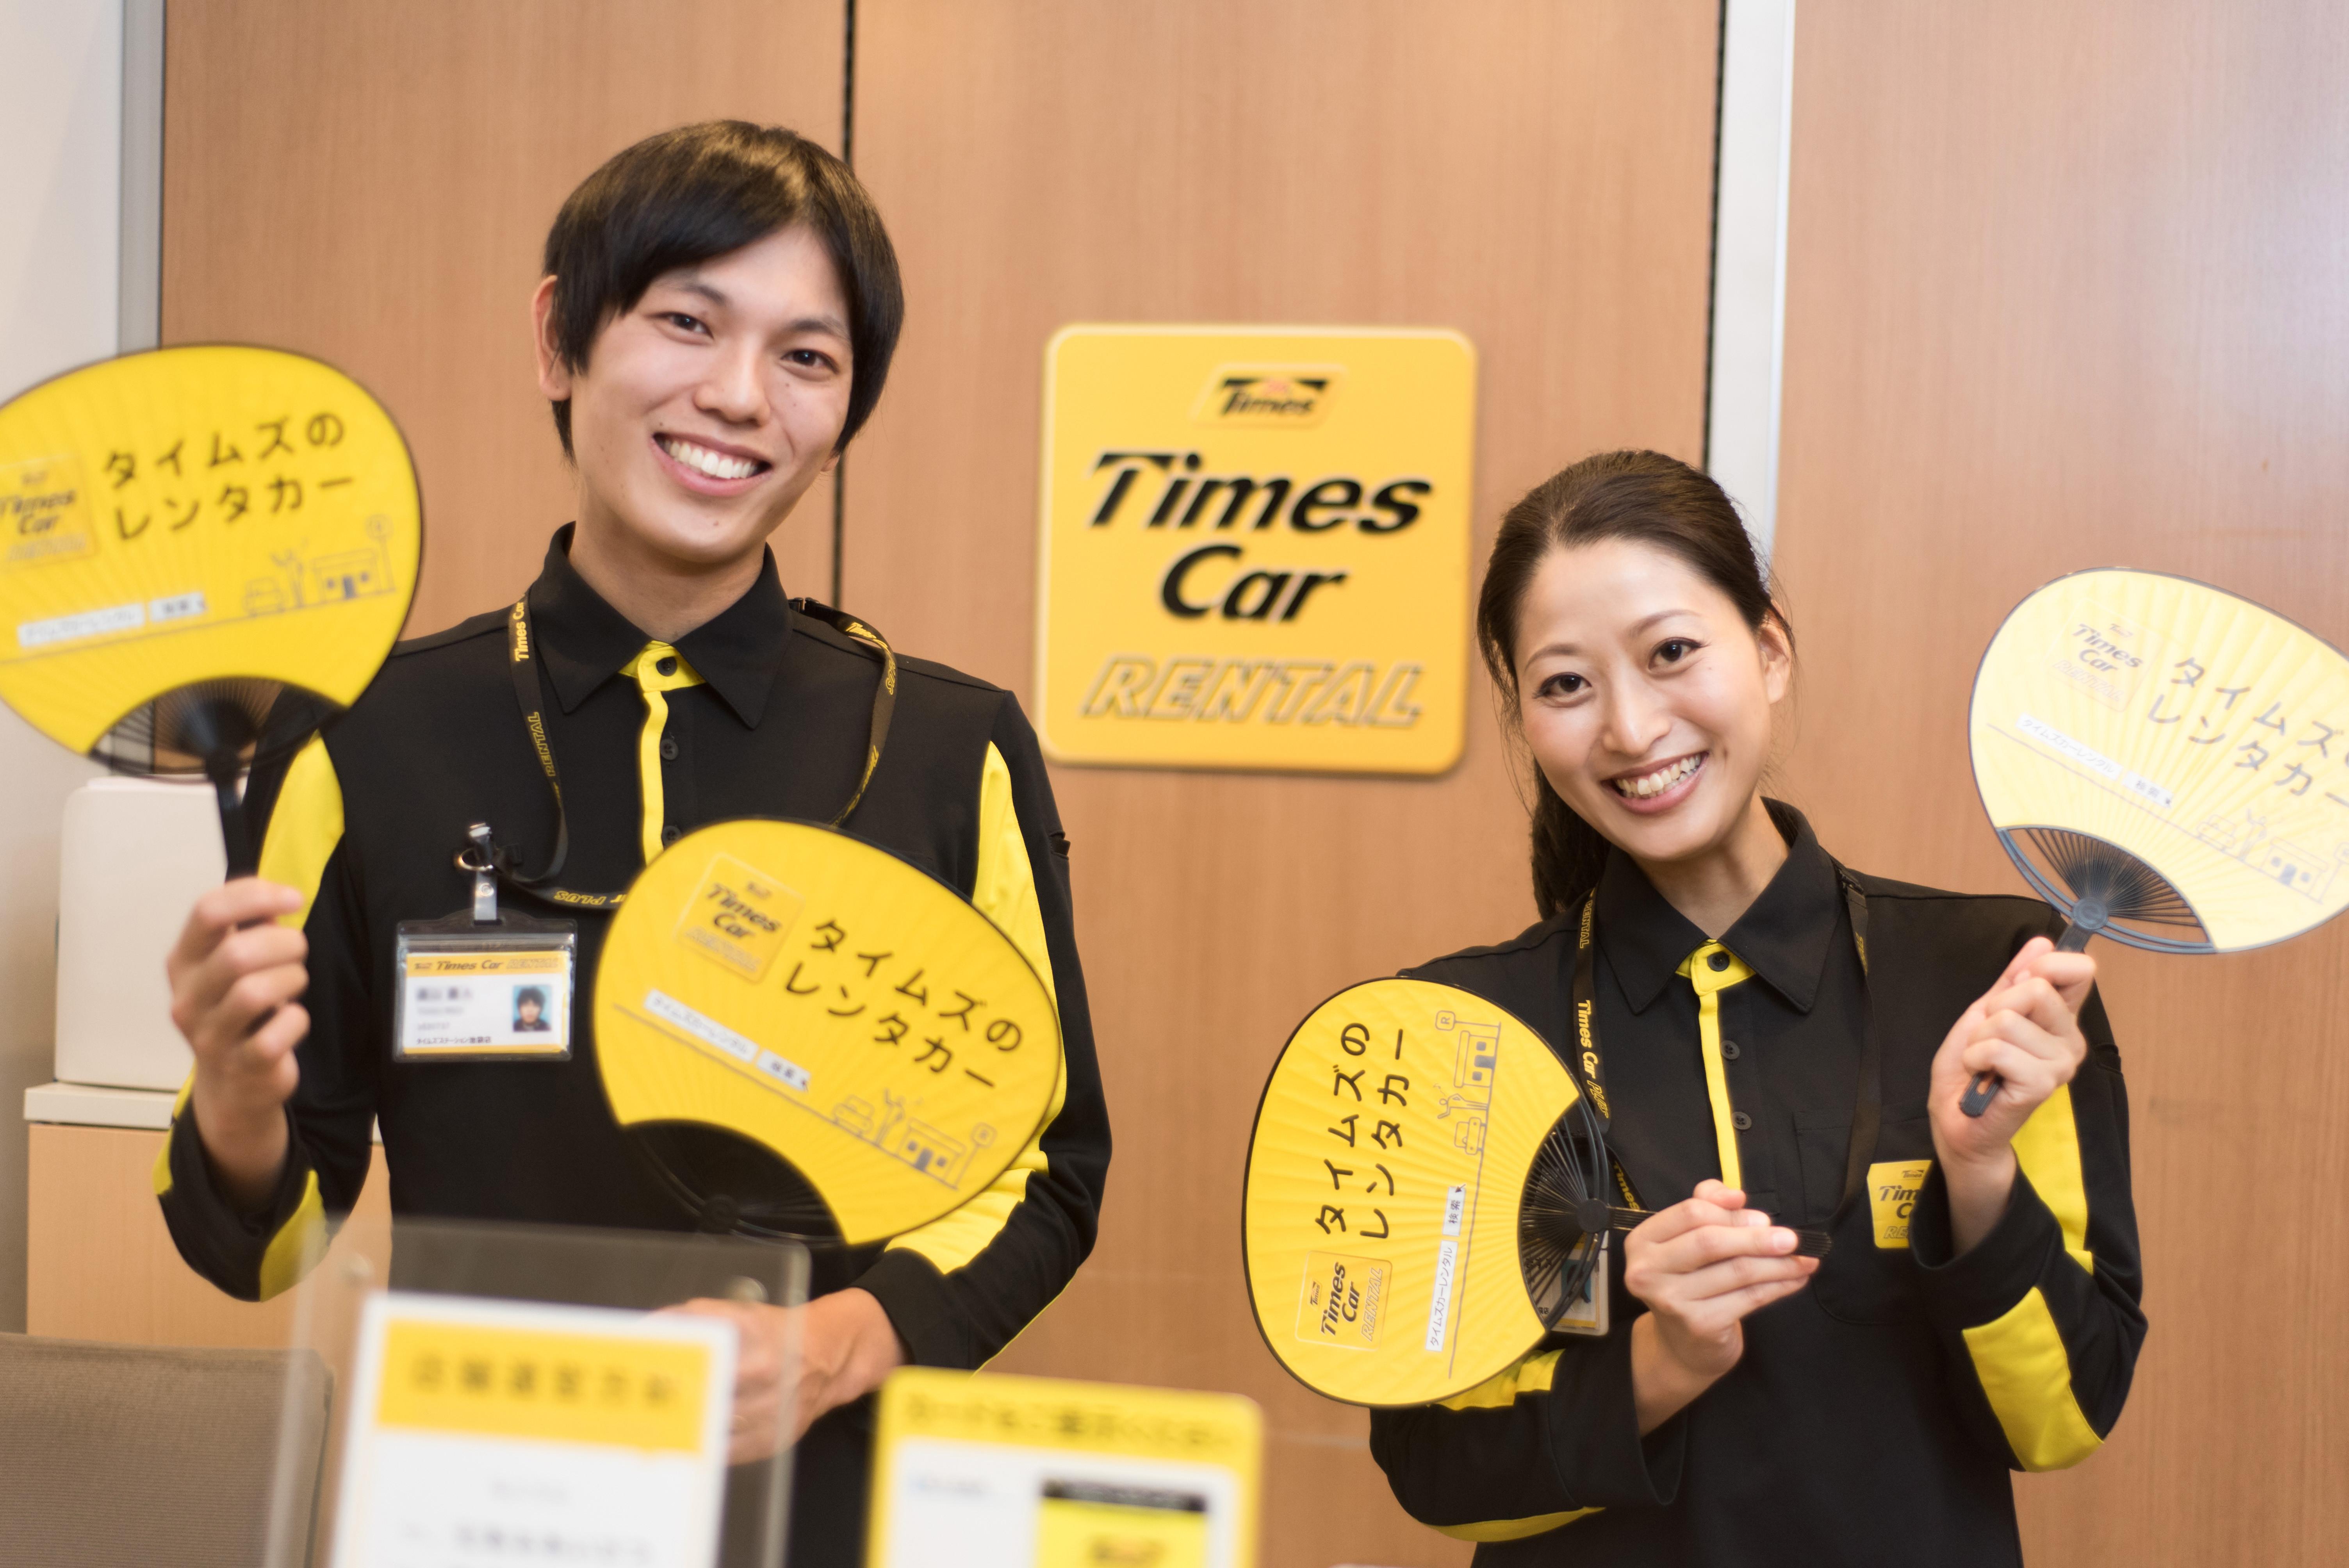 タイムズカーレンタル 川崎駅前タイムズステーション川崎店 のアルバイト情報